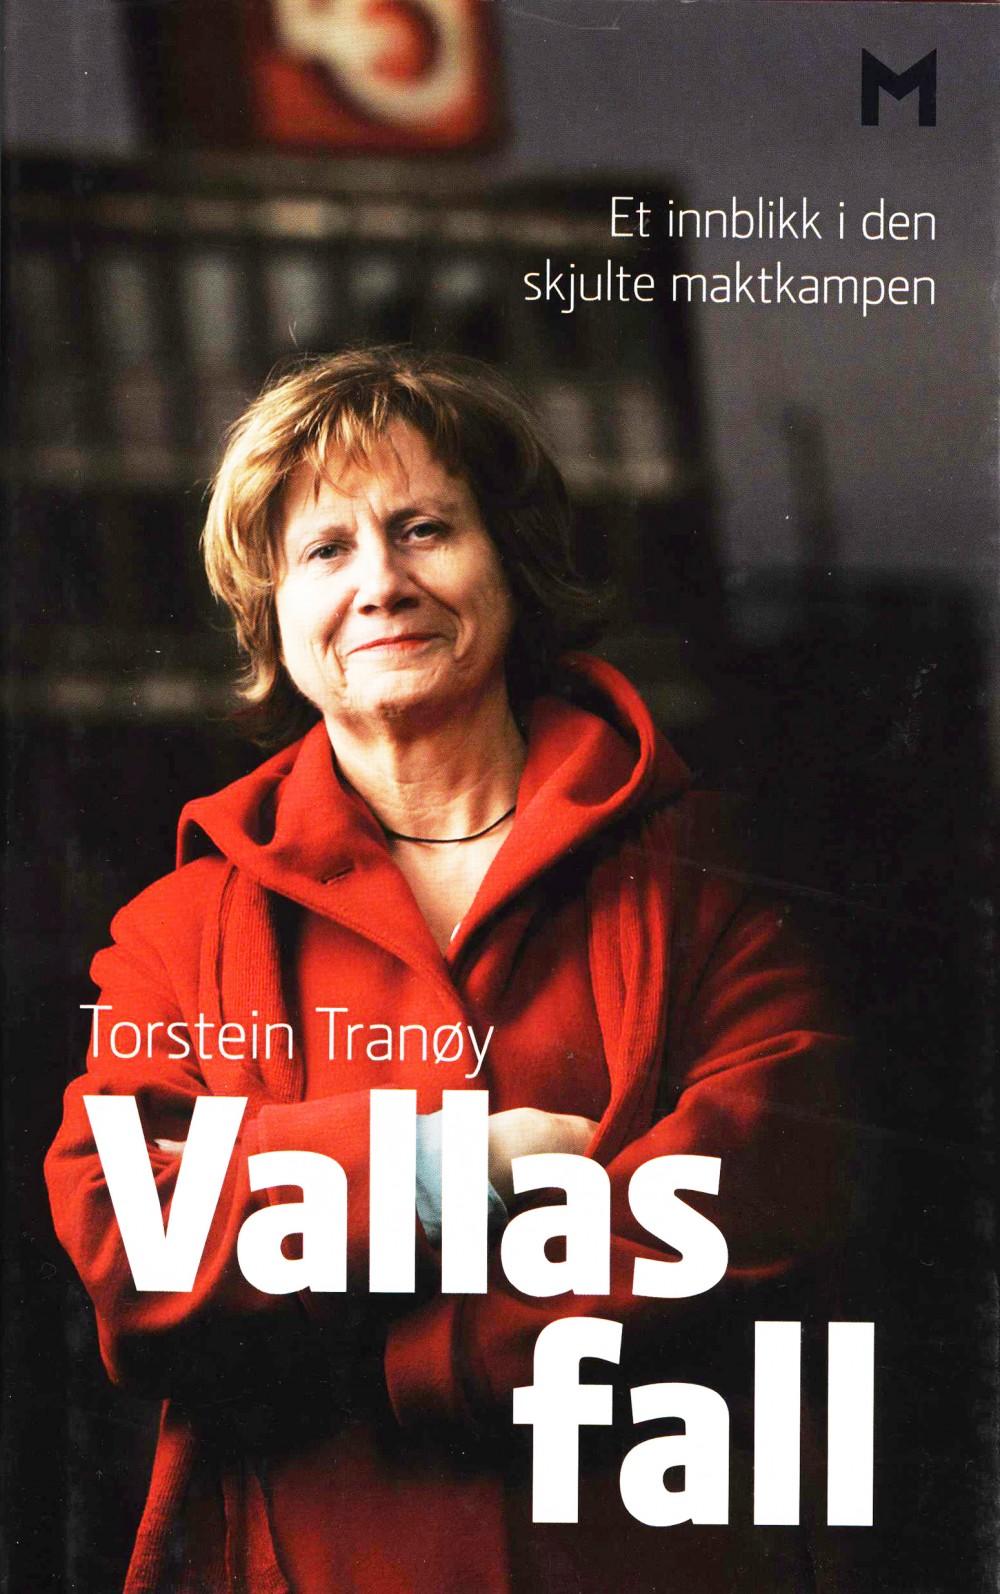 Torstein Tranøy: Vallas fall